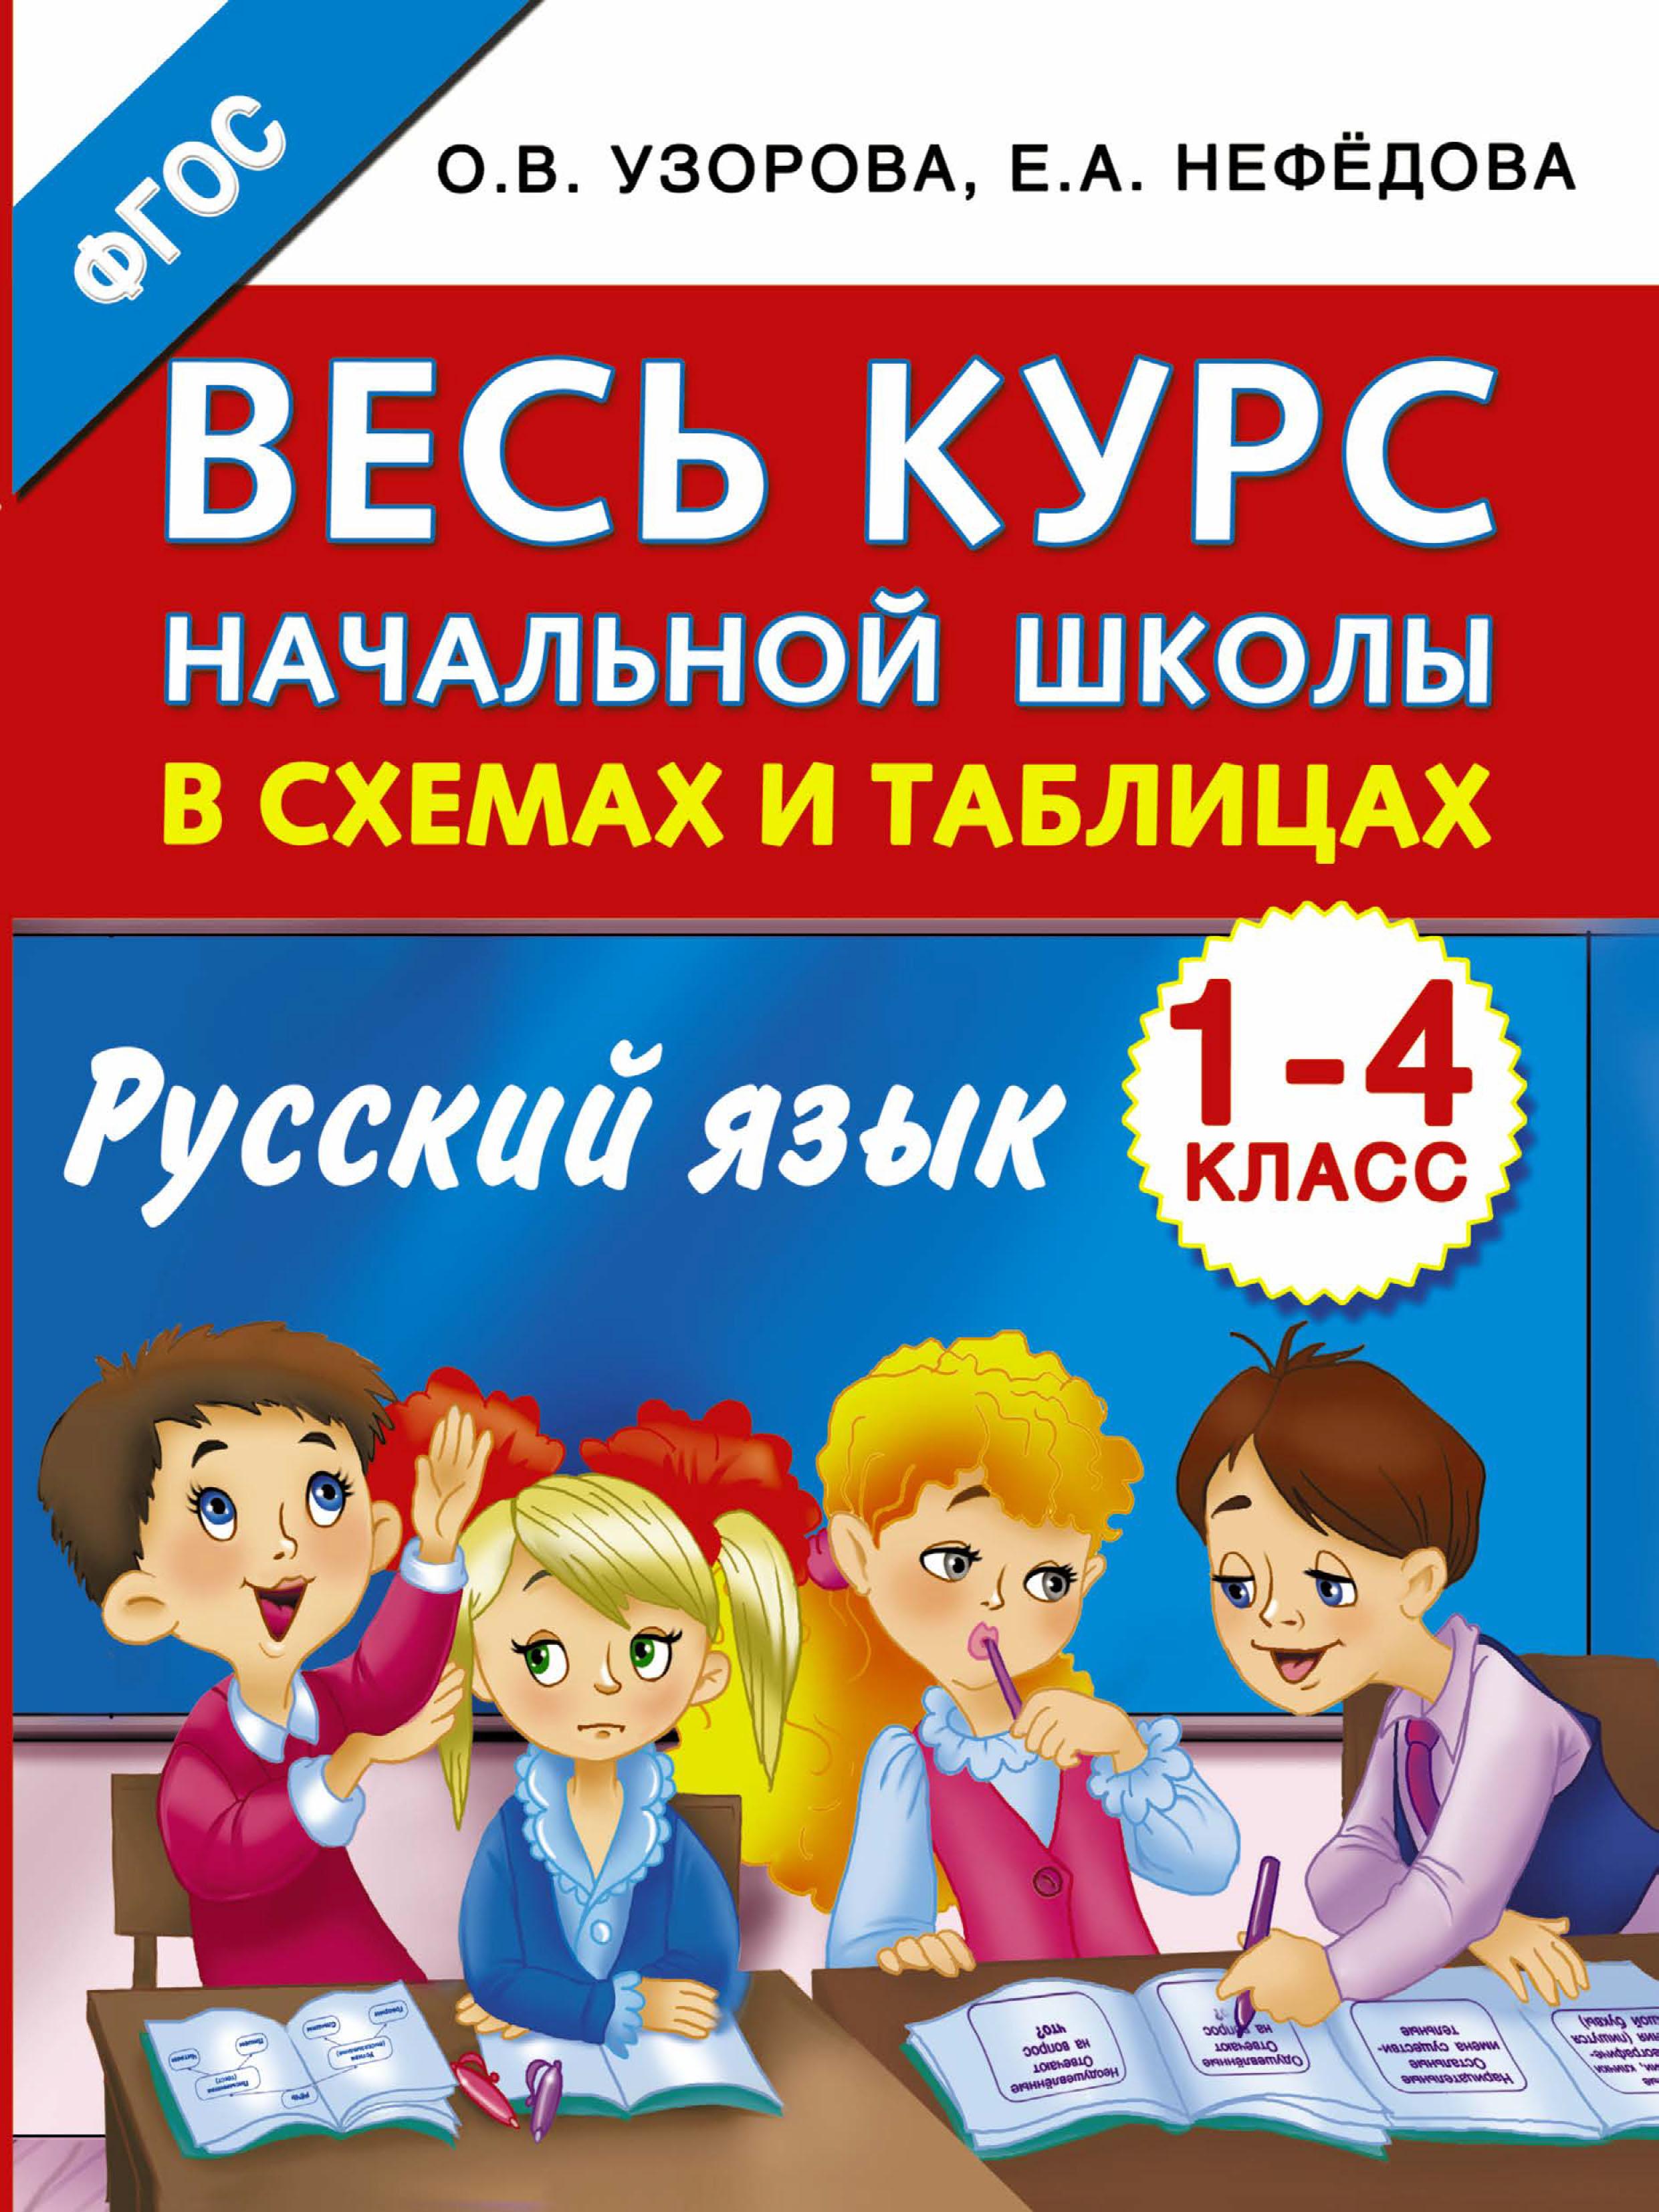 О. В. Узорова Весь курс начальной школы в схемах и таблицах. Русский язык. 1-4 классы узорова о в английский язык весь курс начальной школы в схемах и таблицах 2 4 классы